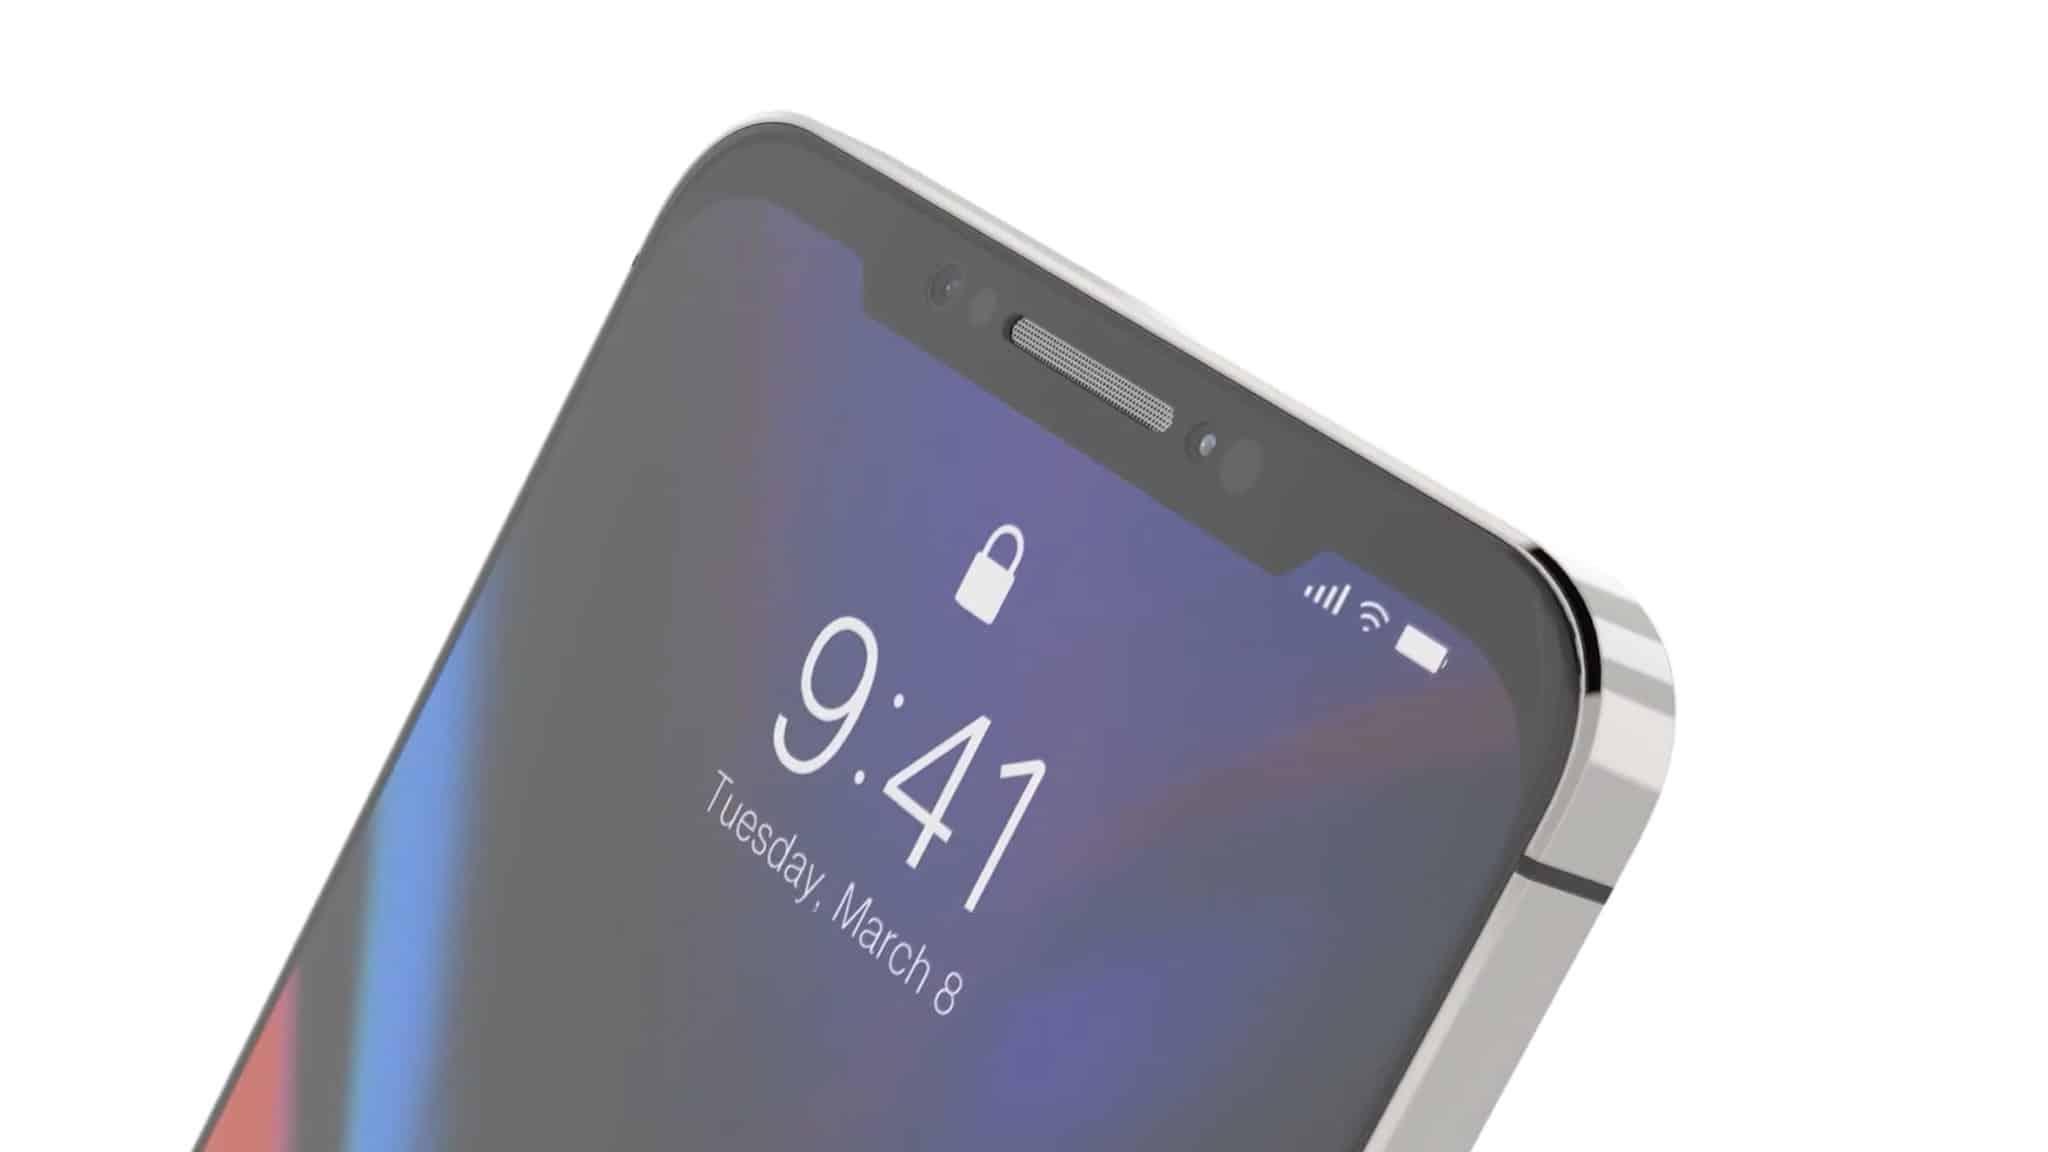 Informacyjny zawrót głowy związany z nowym iPhone SE 2018